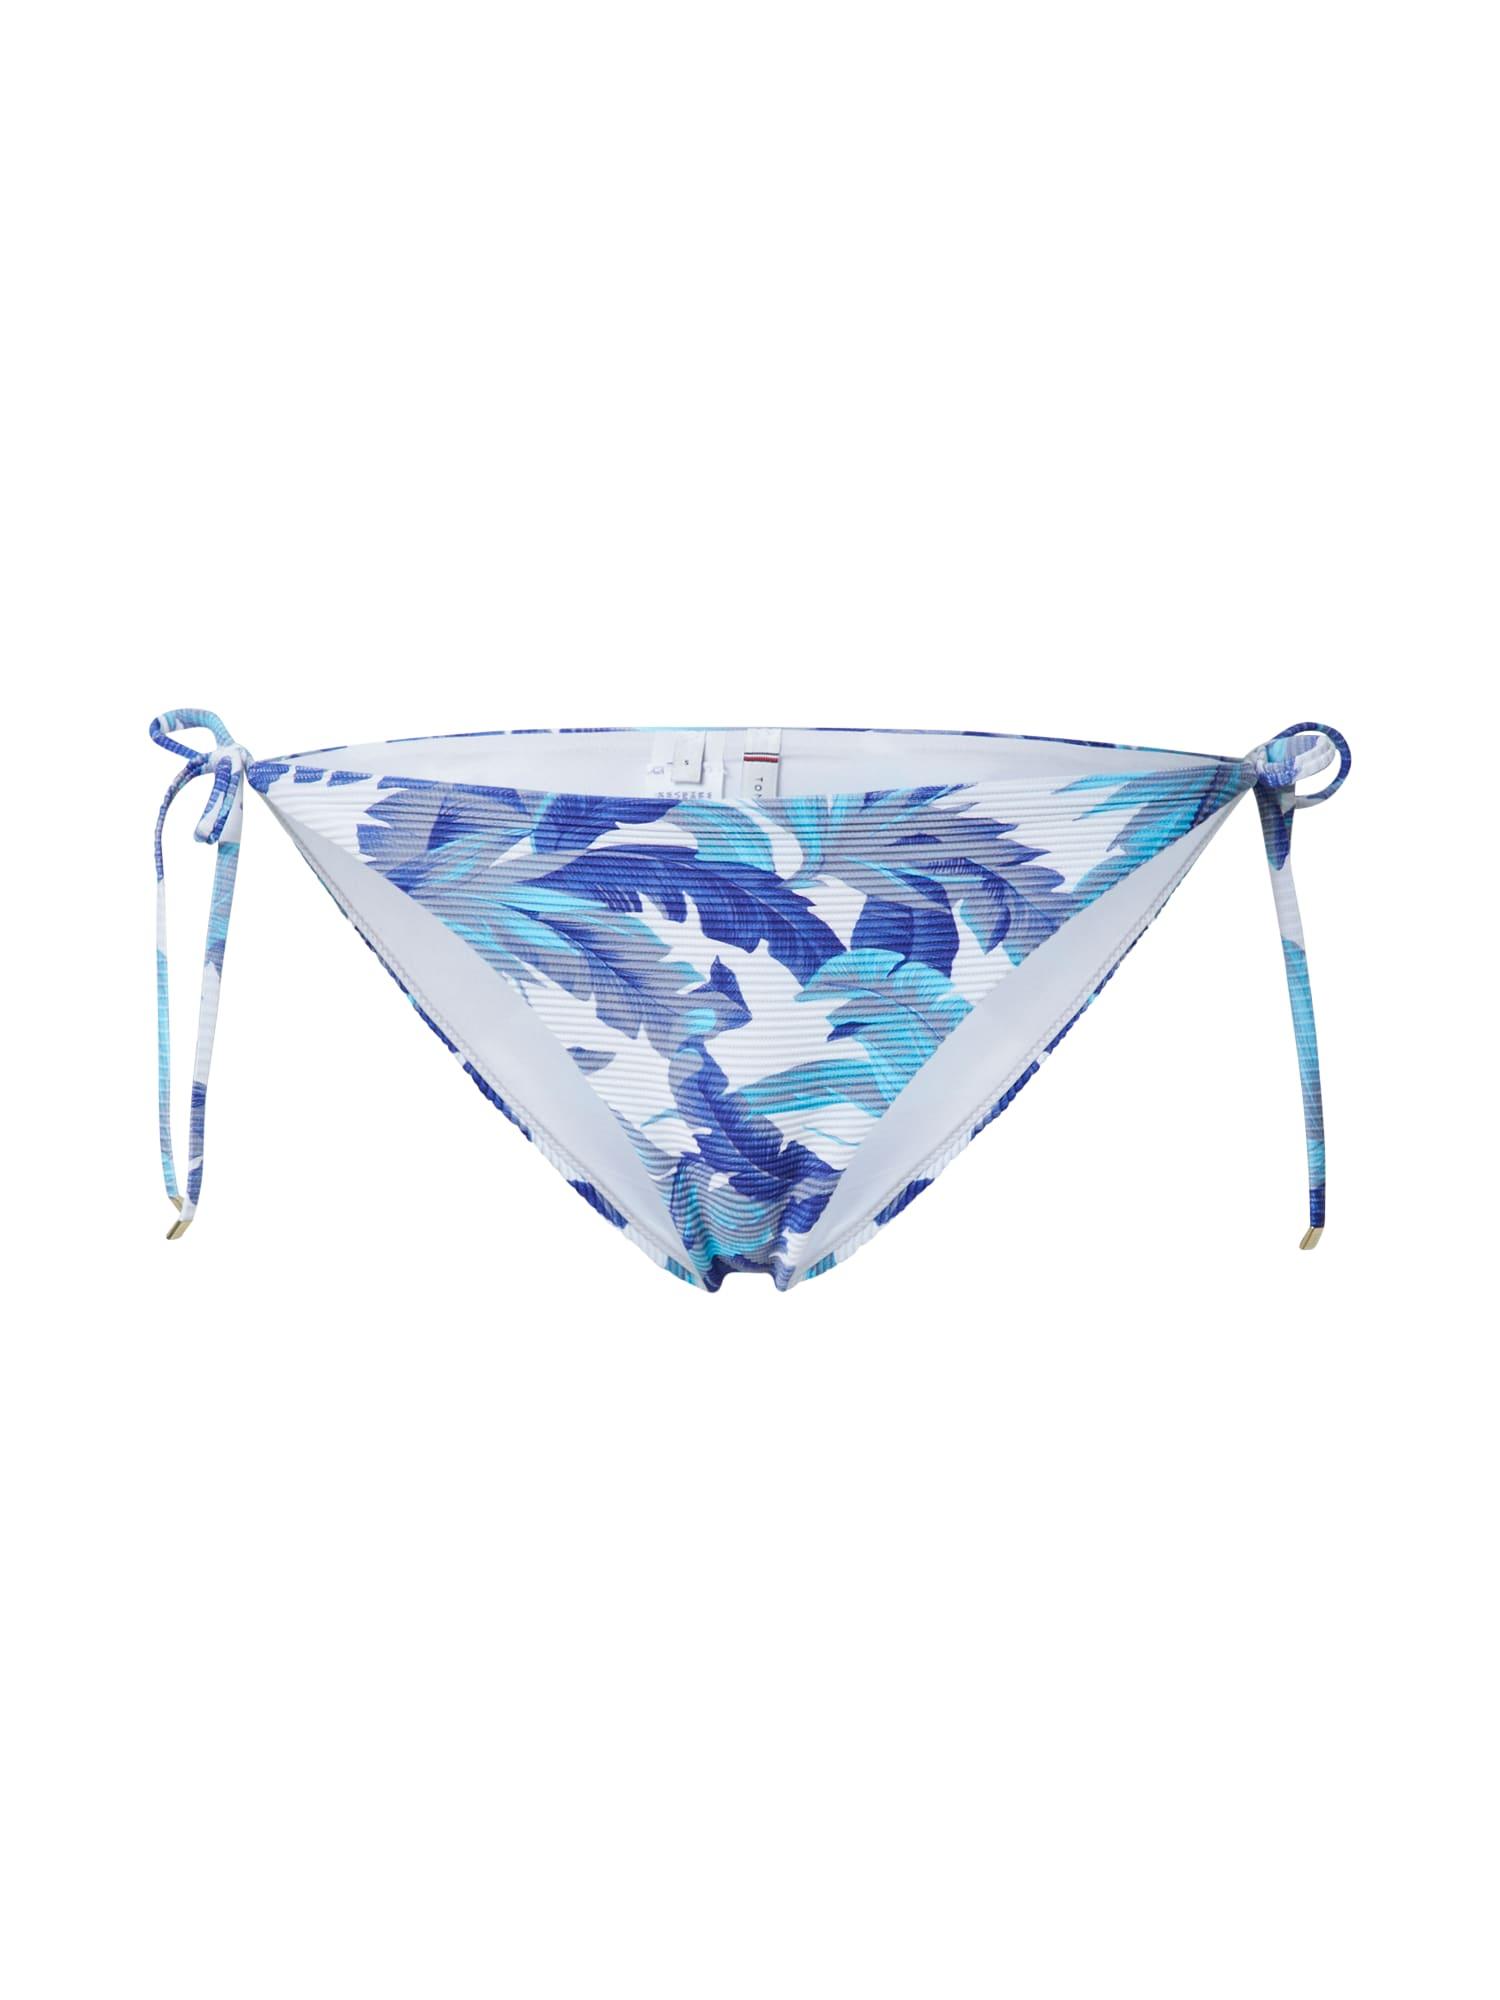 Tommy Hilfiger Underwear Bikinio kelnaitės mėlyna / balta / dangaus žydra